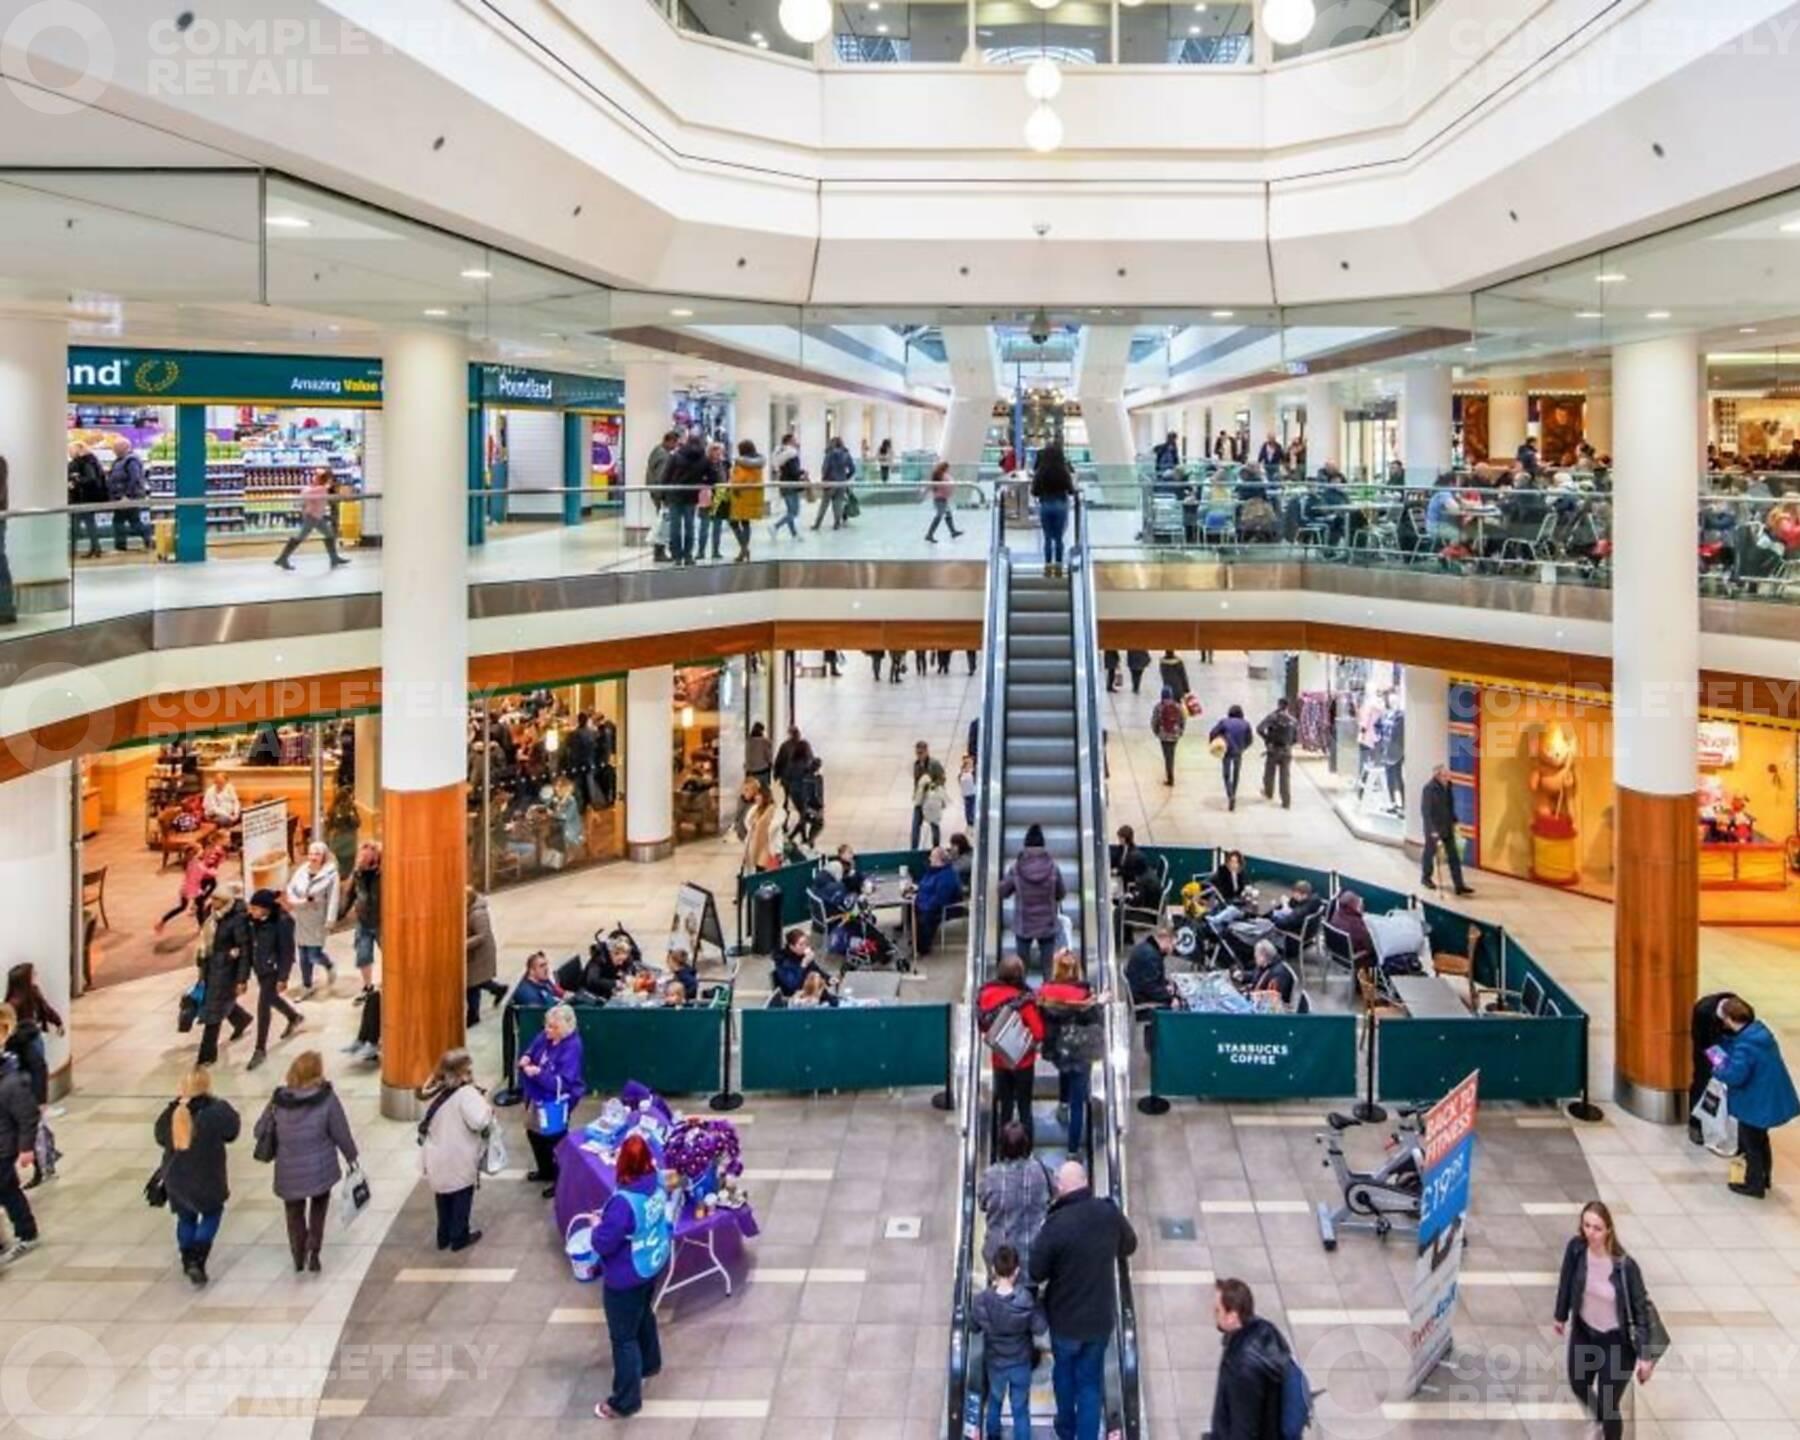 59A/60A Eastgate Shopping Centre, Basildon